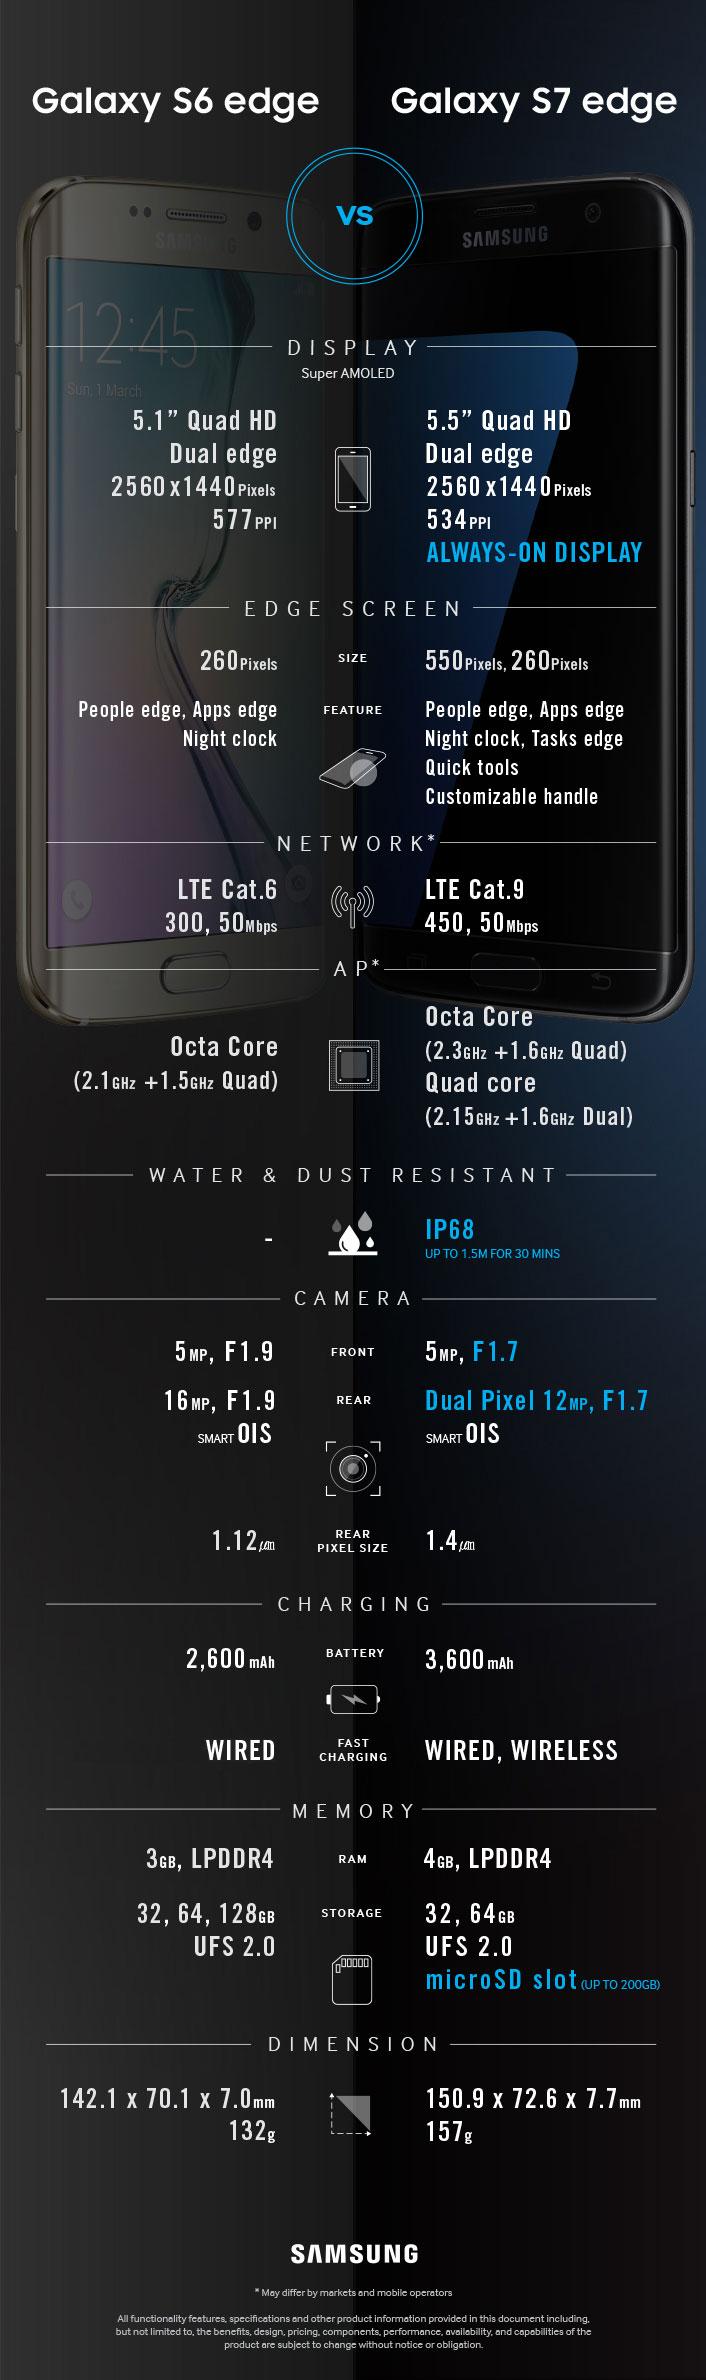 Galaxy-s6-edge-s7-edge-Comparison_0221